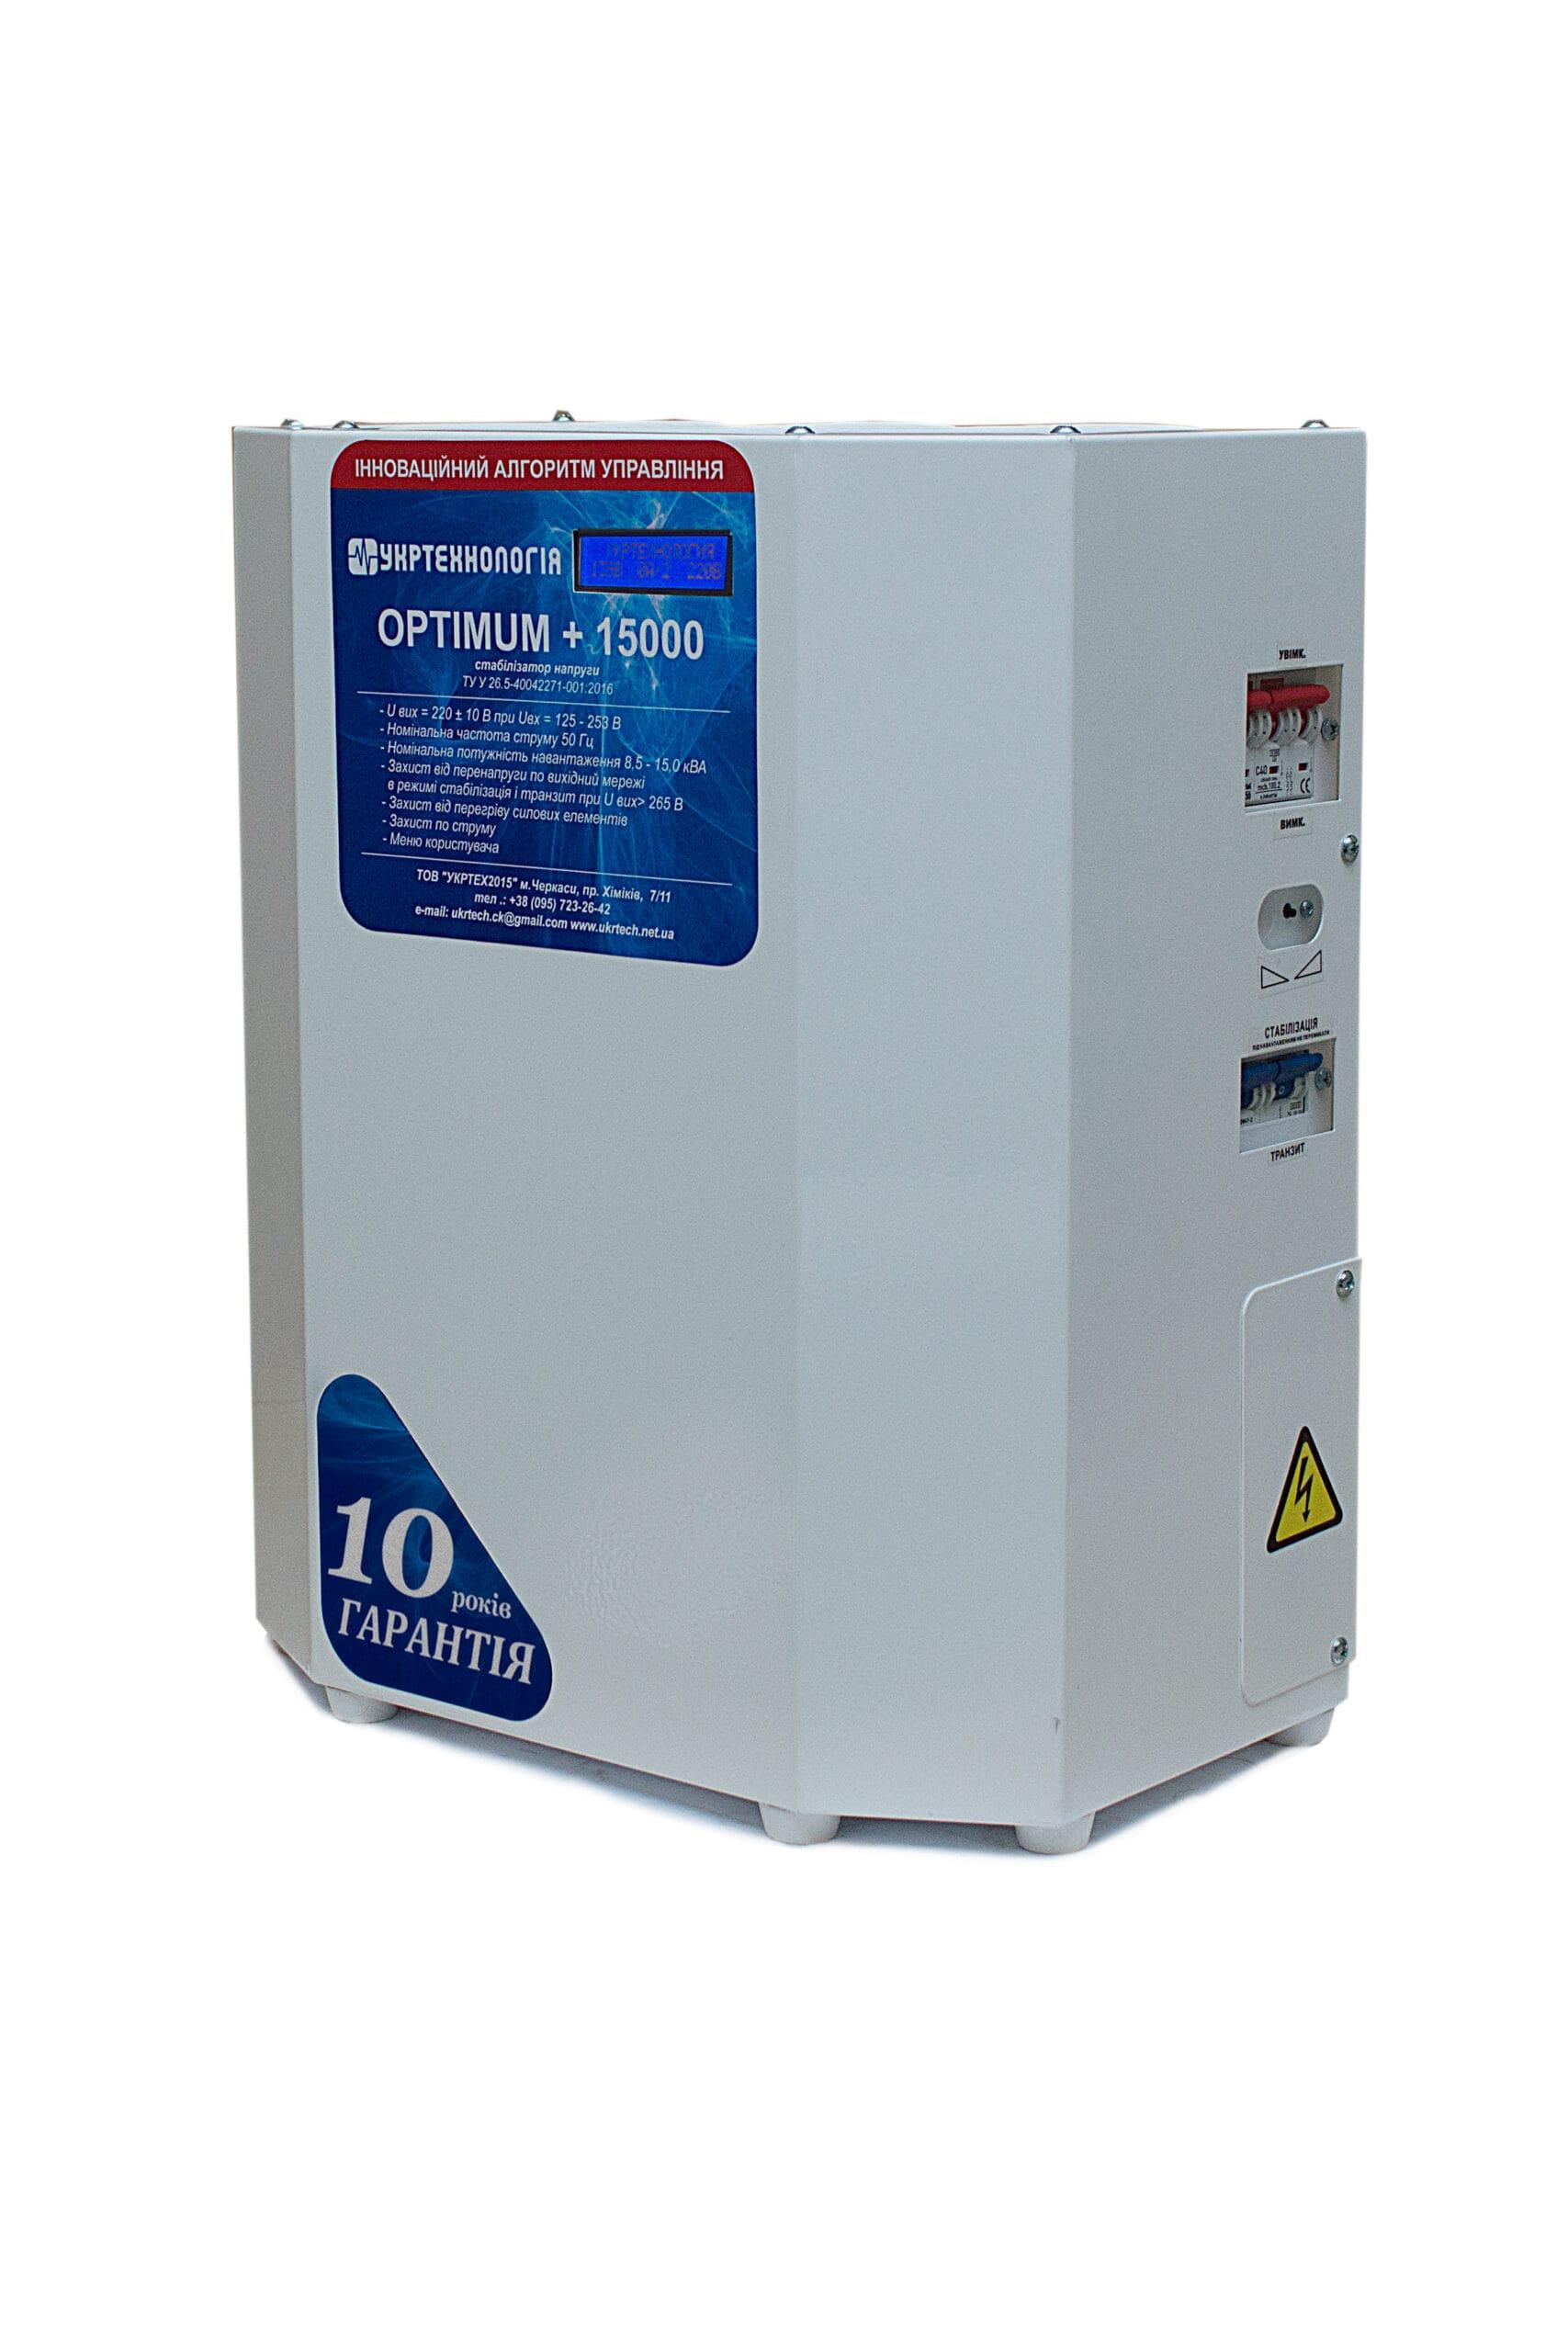 Стабилизаторы напряжения - Стабилизатор напряжения 15 кВт OPTIMUM 000001387 - Фото 1